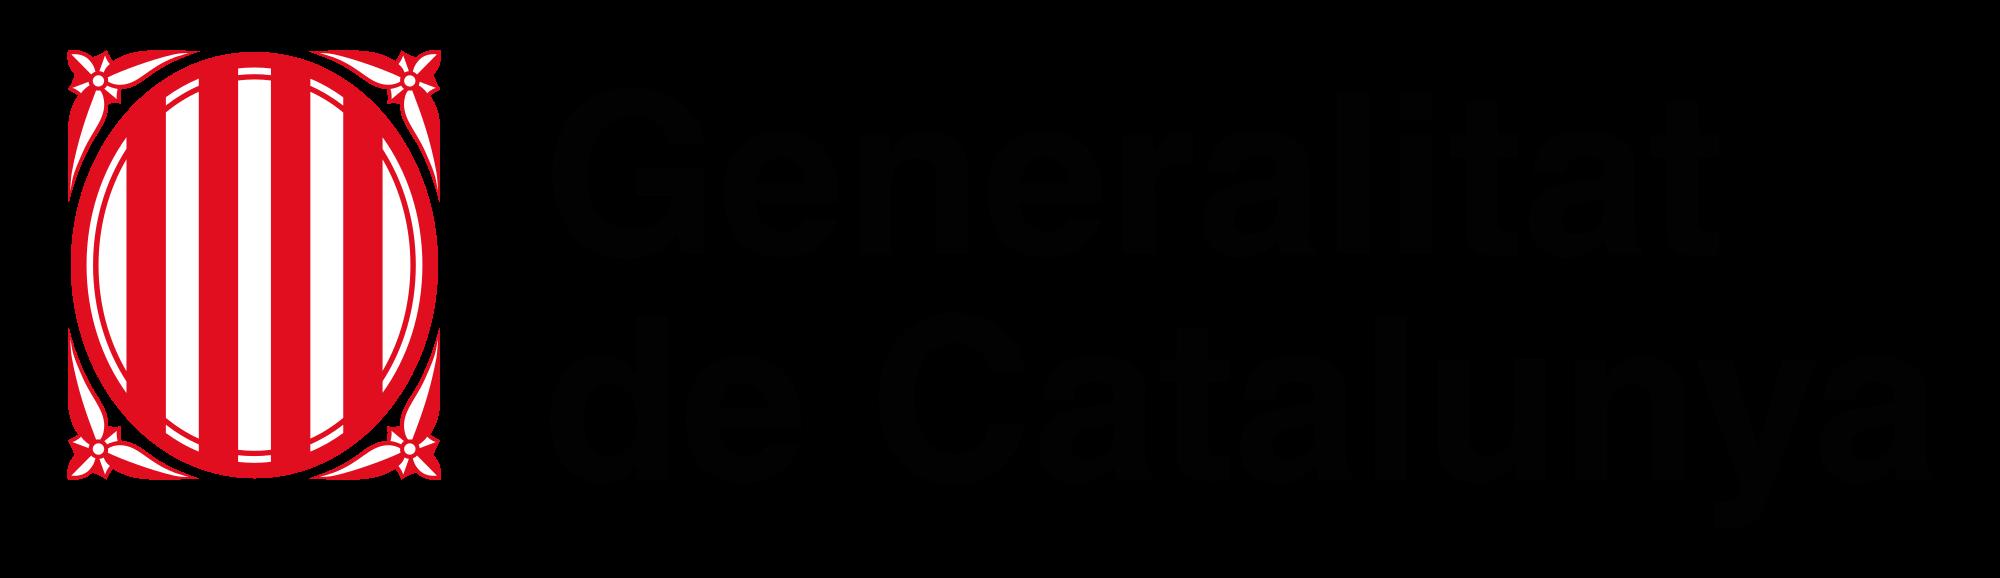 2000px-logotipo_de_la_generalitat_de_catalunya-svg